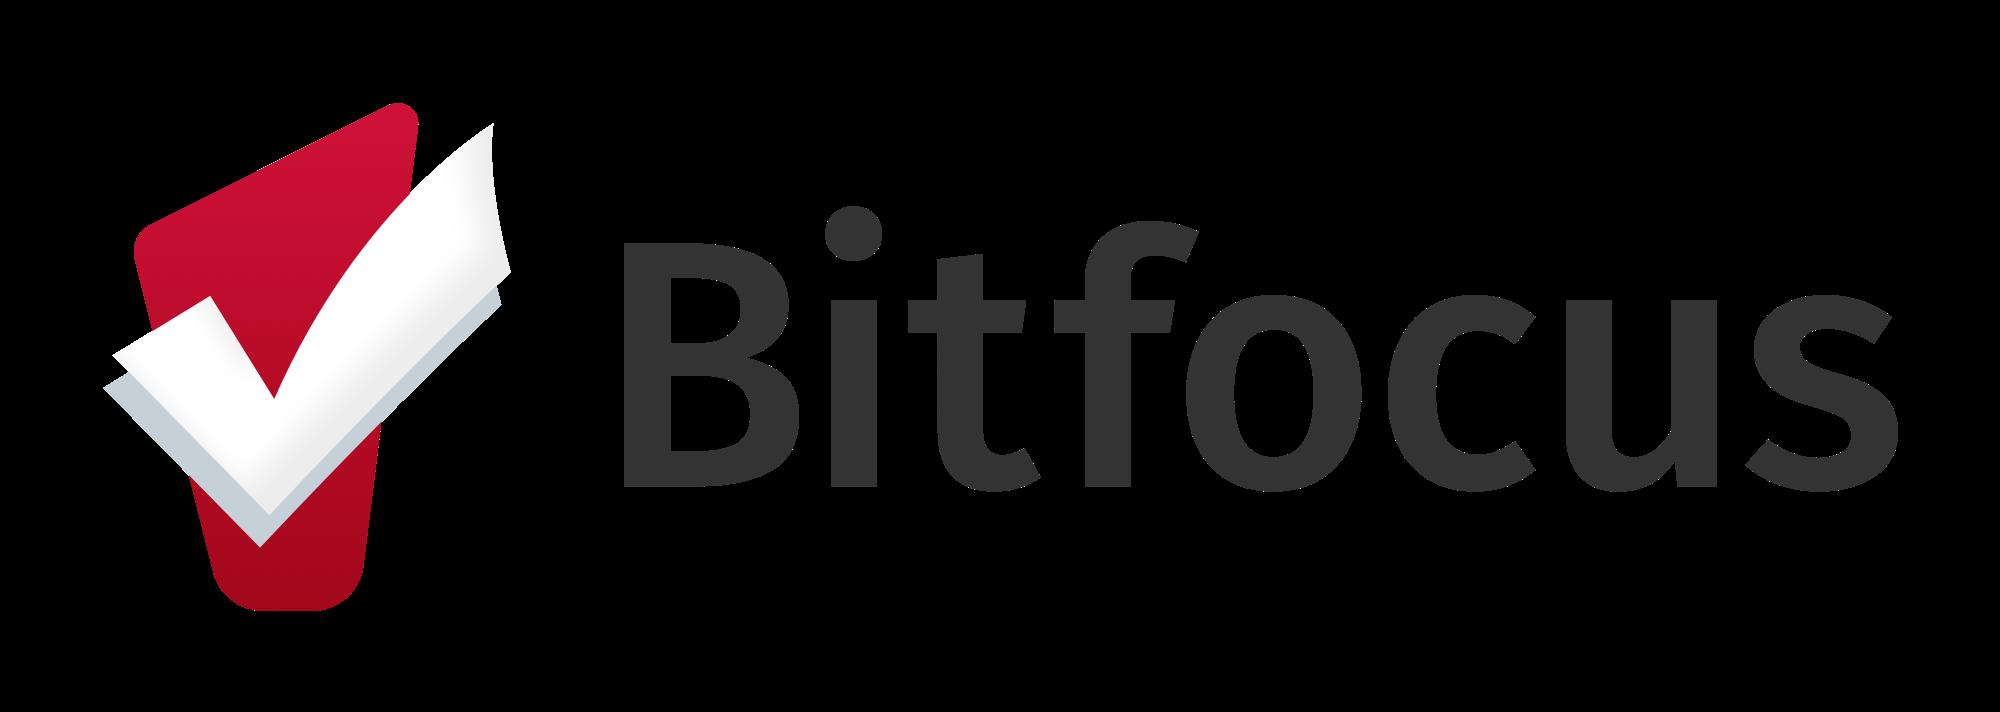 Bitfocus